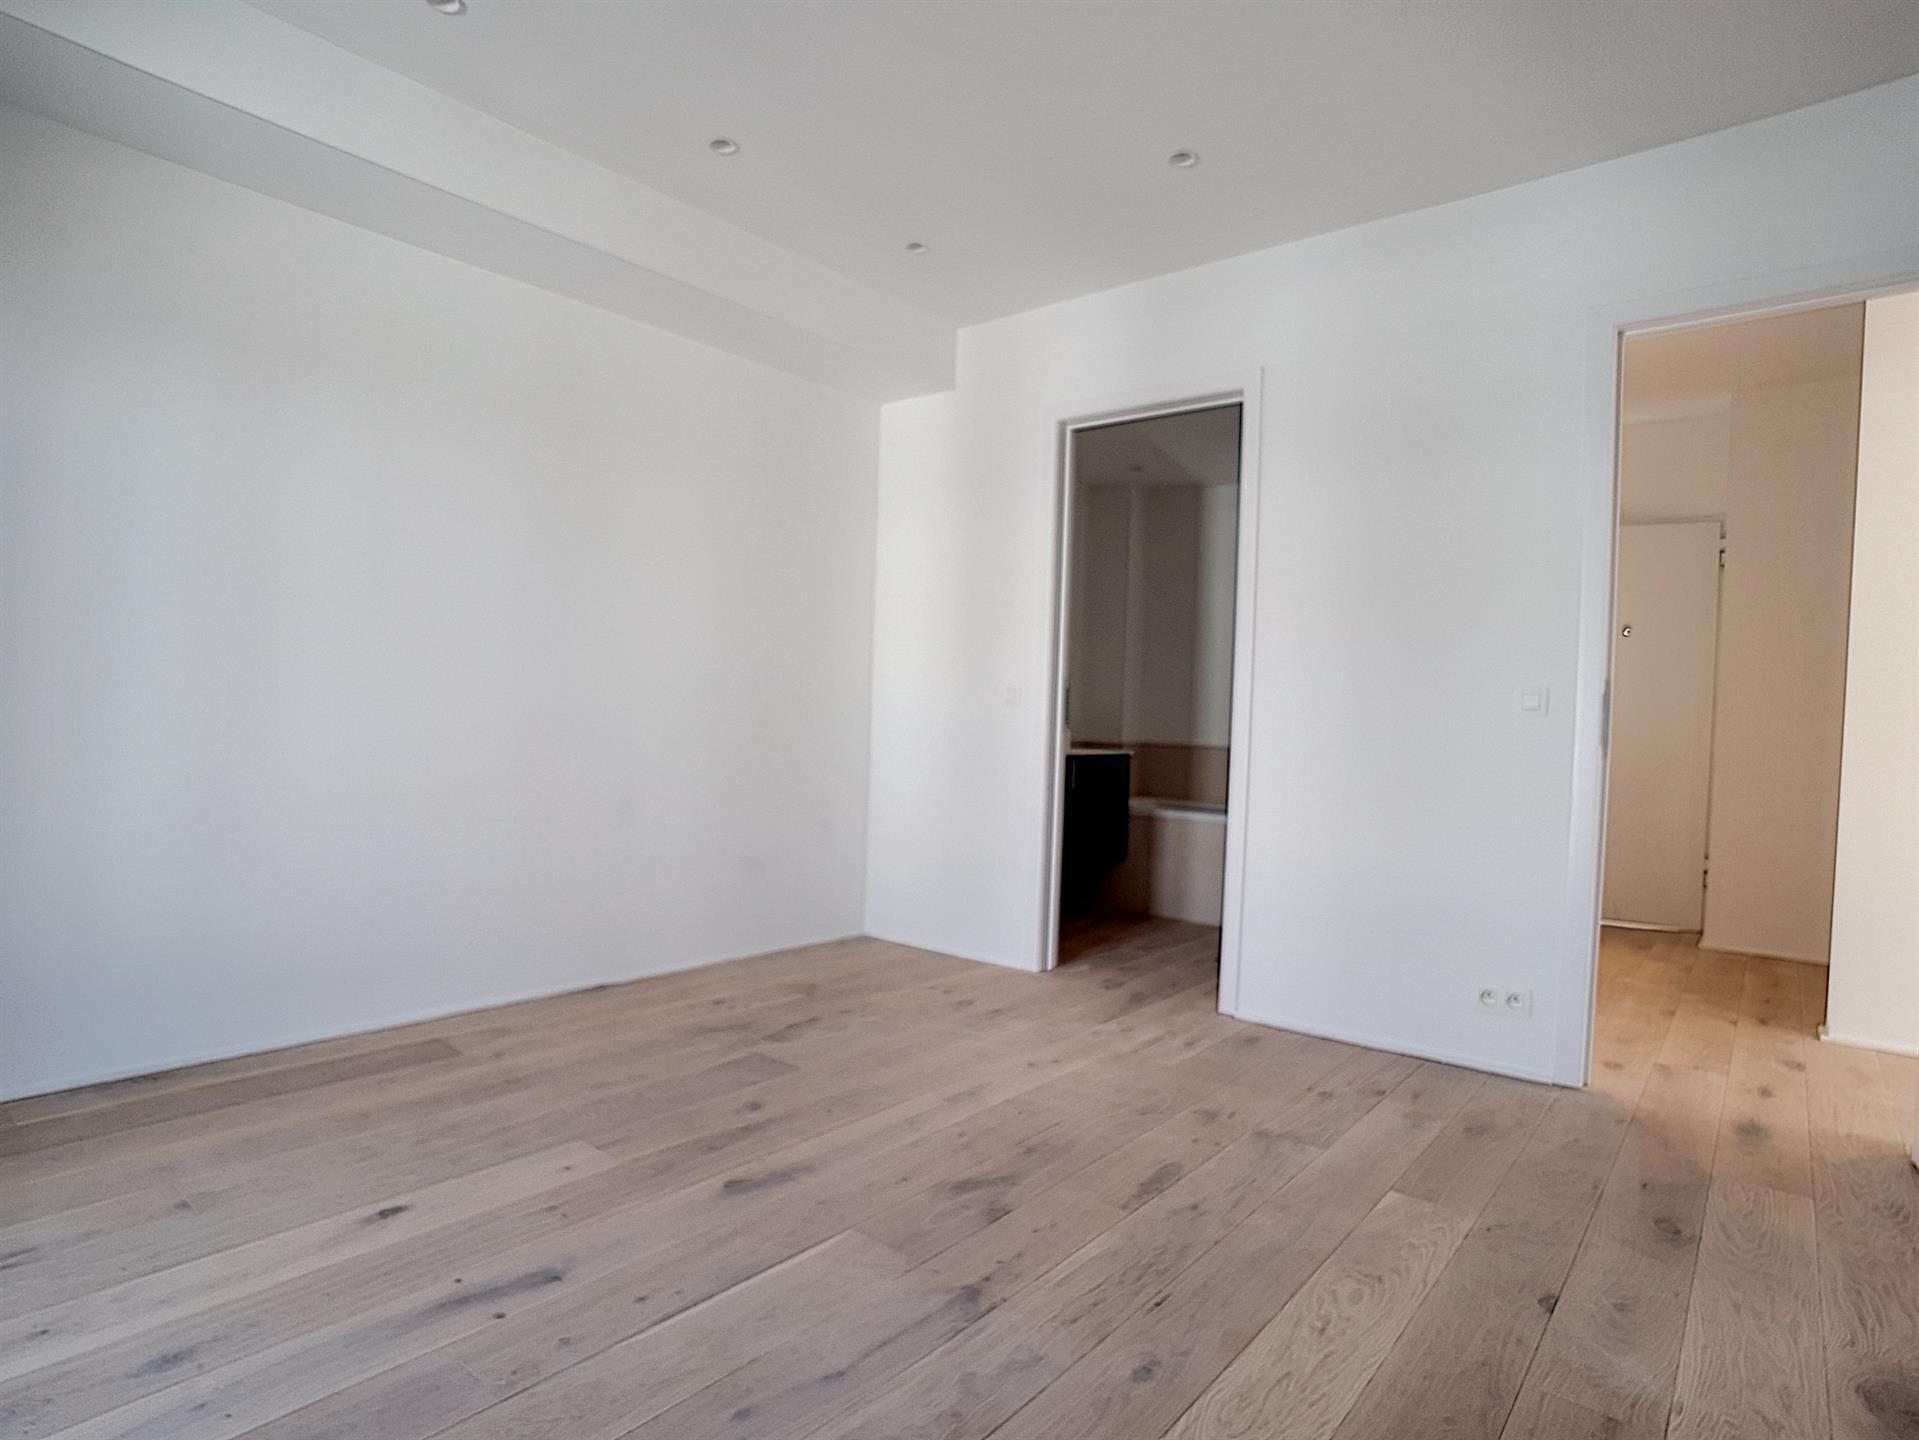 Appartement - Genappe - #4514486-25